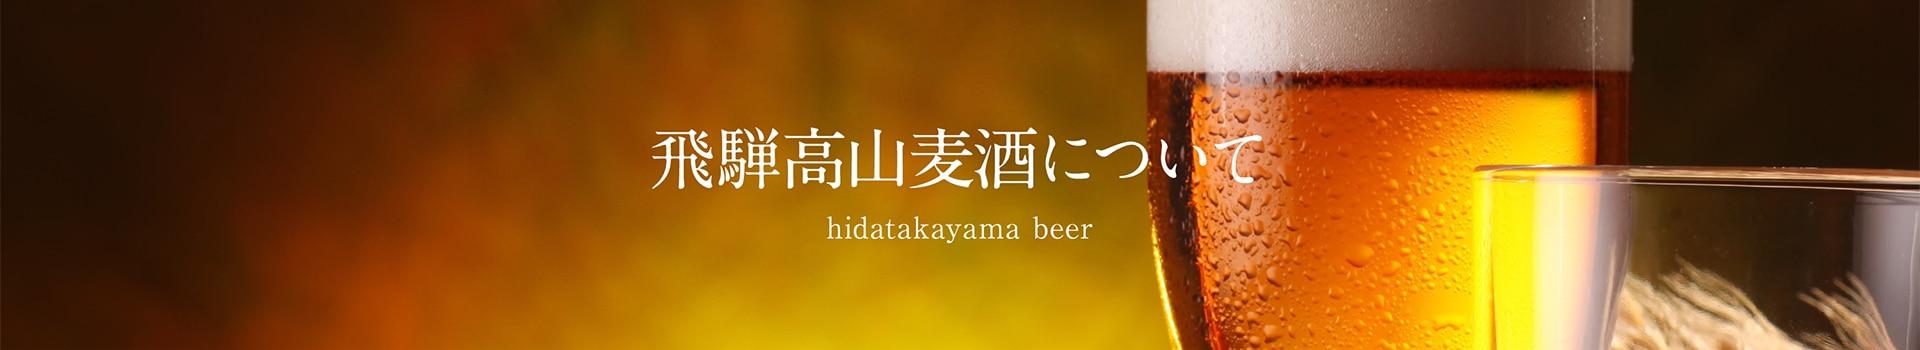 高山麦酒について